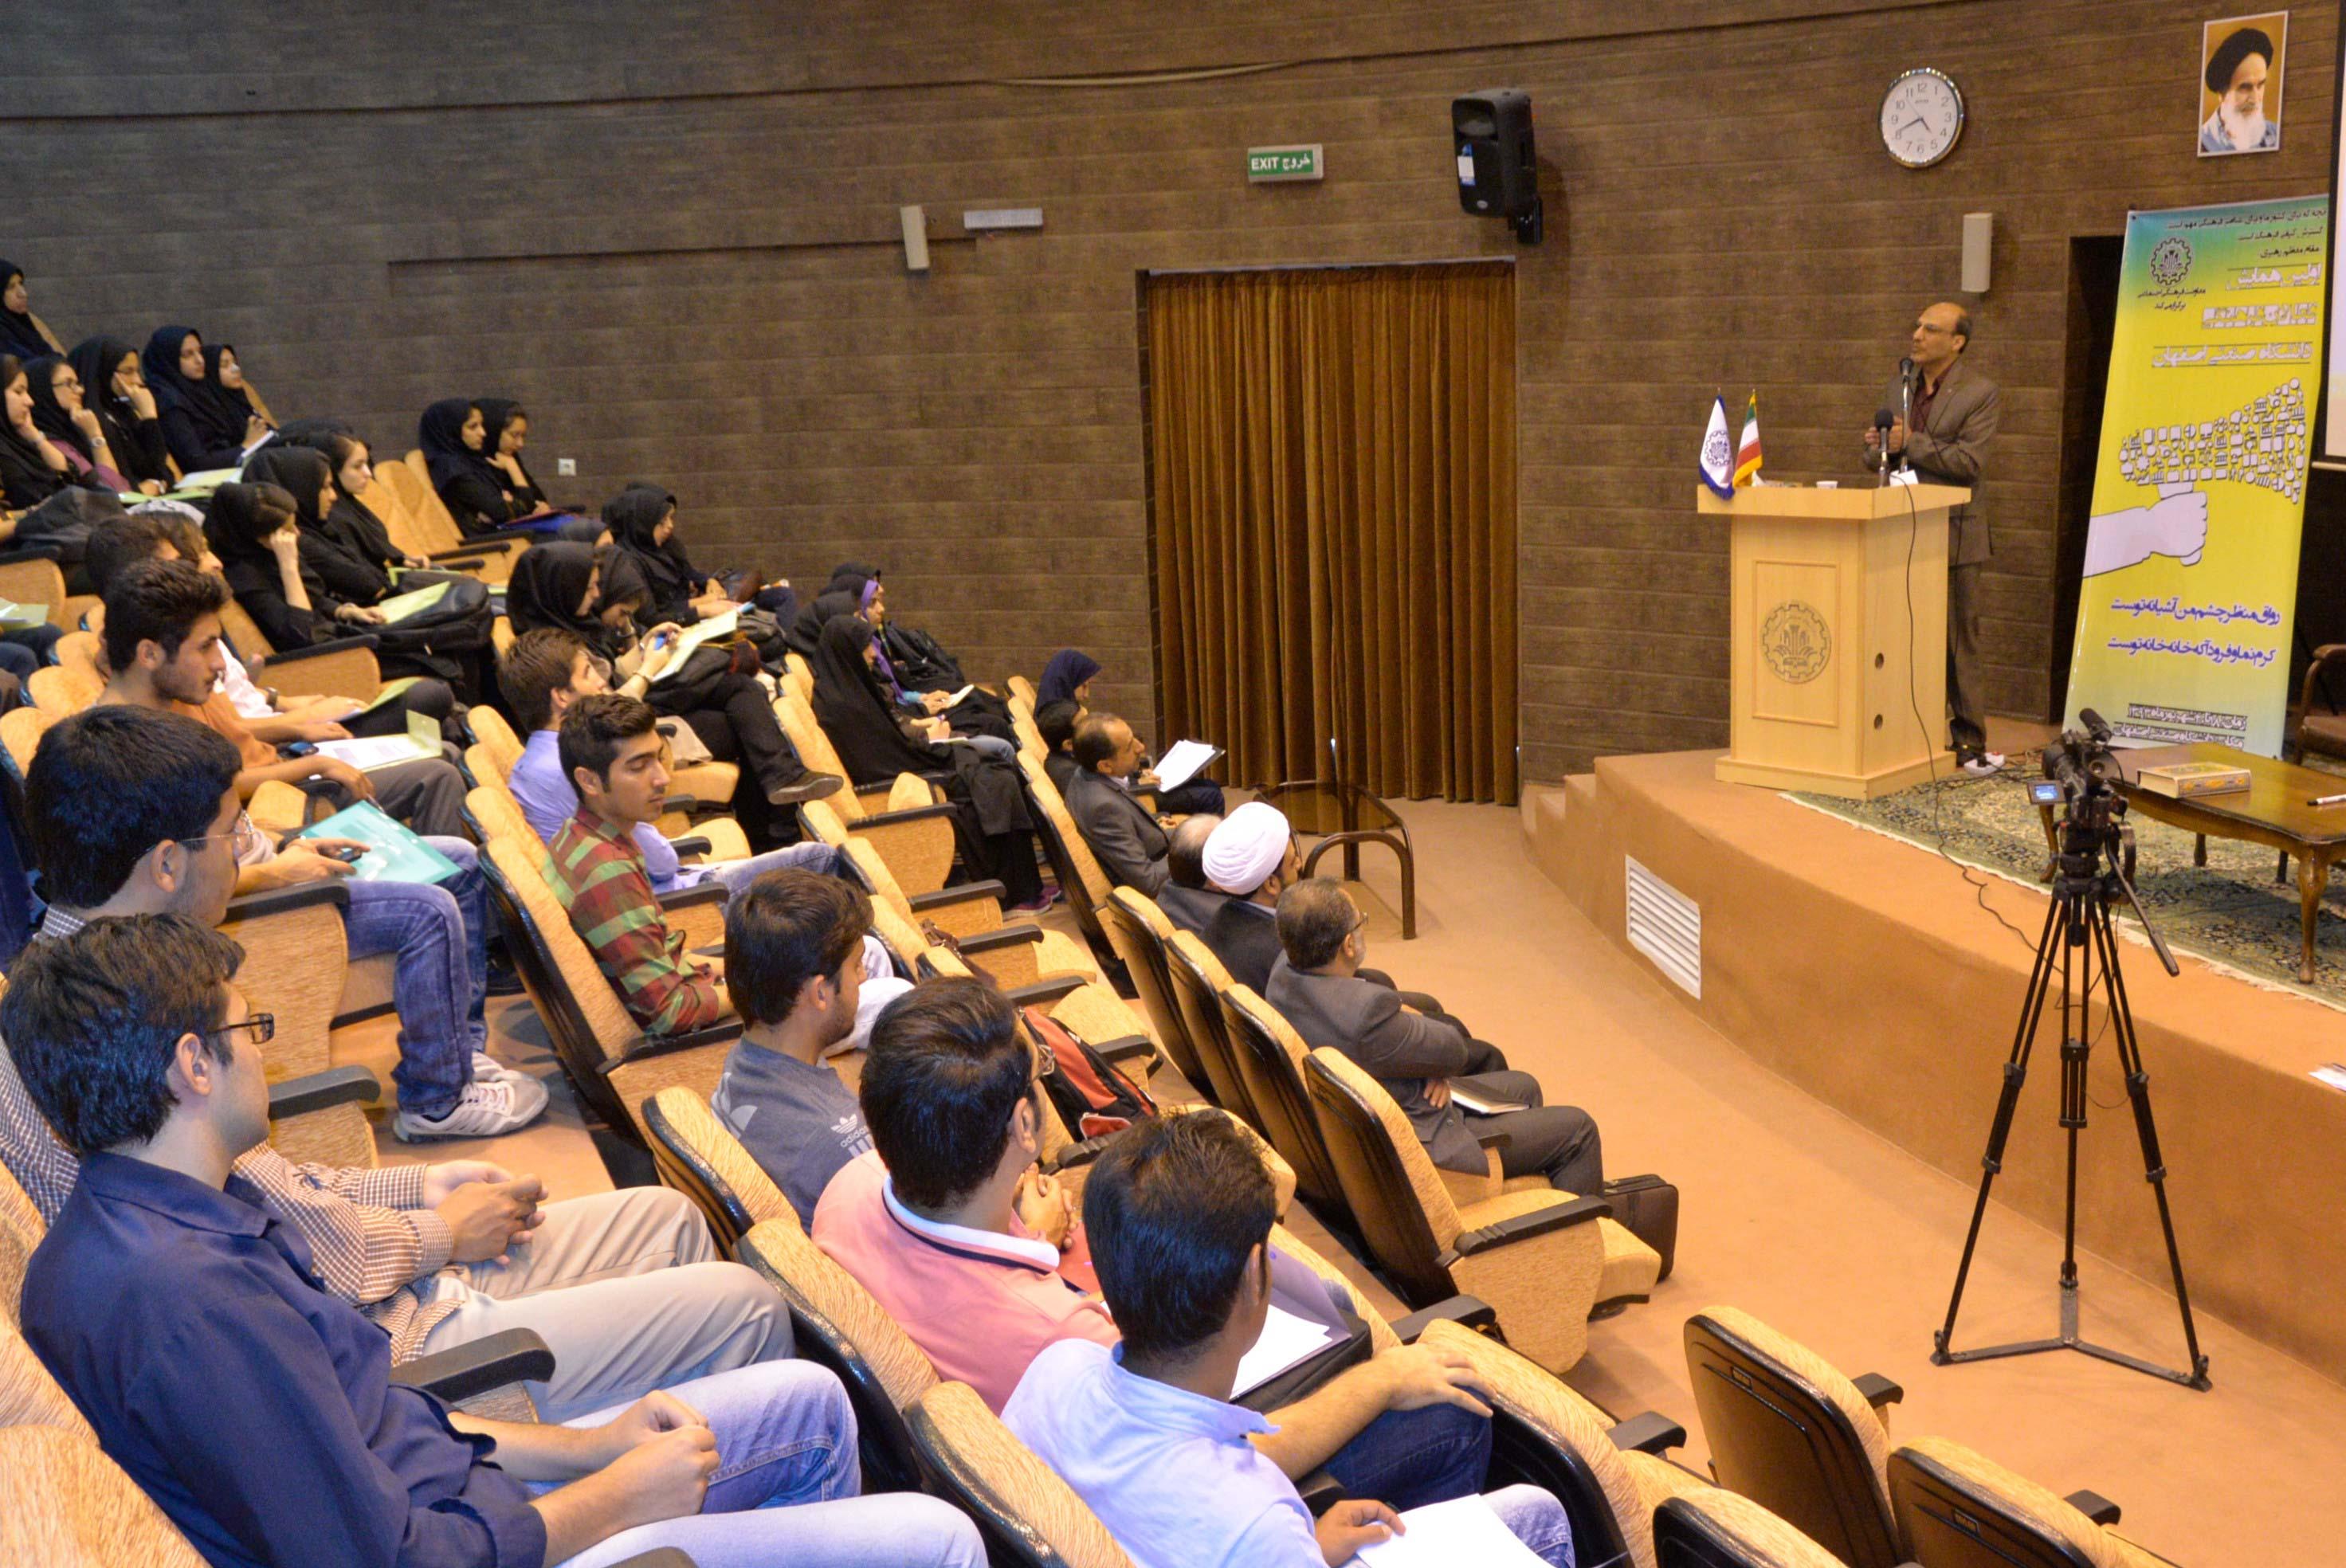 نخستین همایش فعالان فرهنگی دانشگاه صنعتی اصفهان